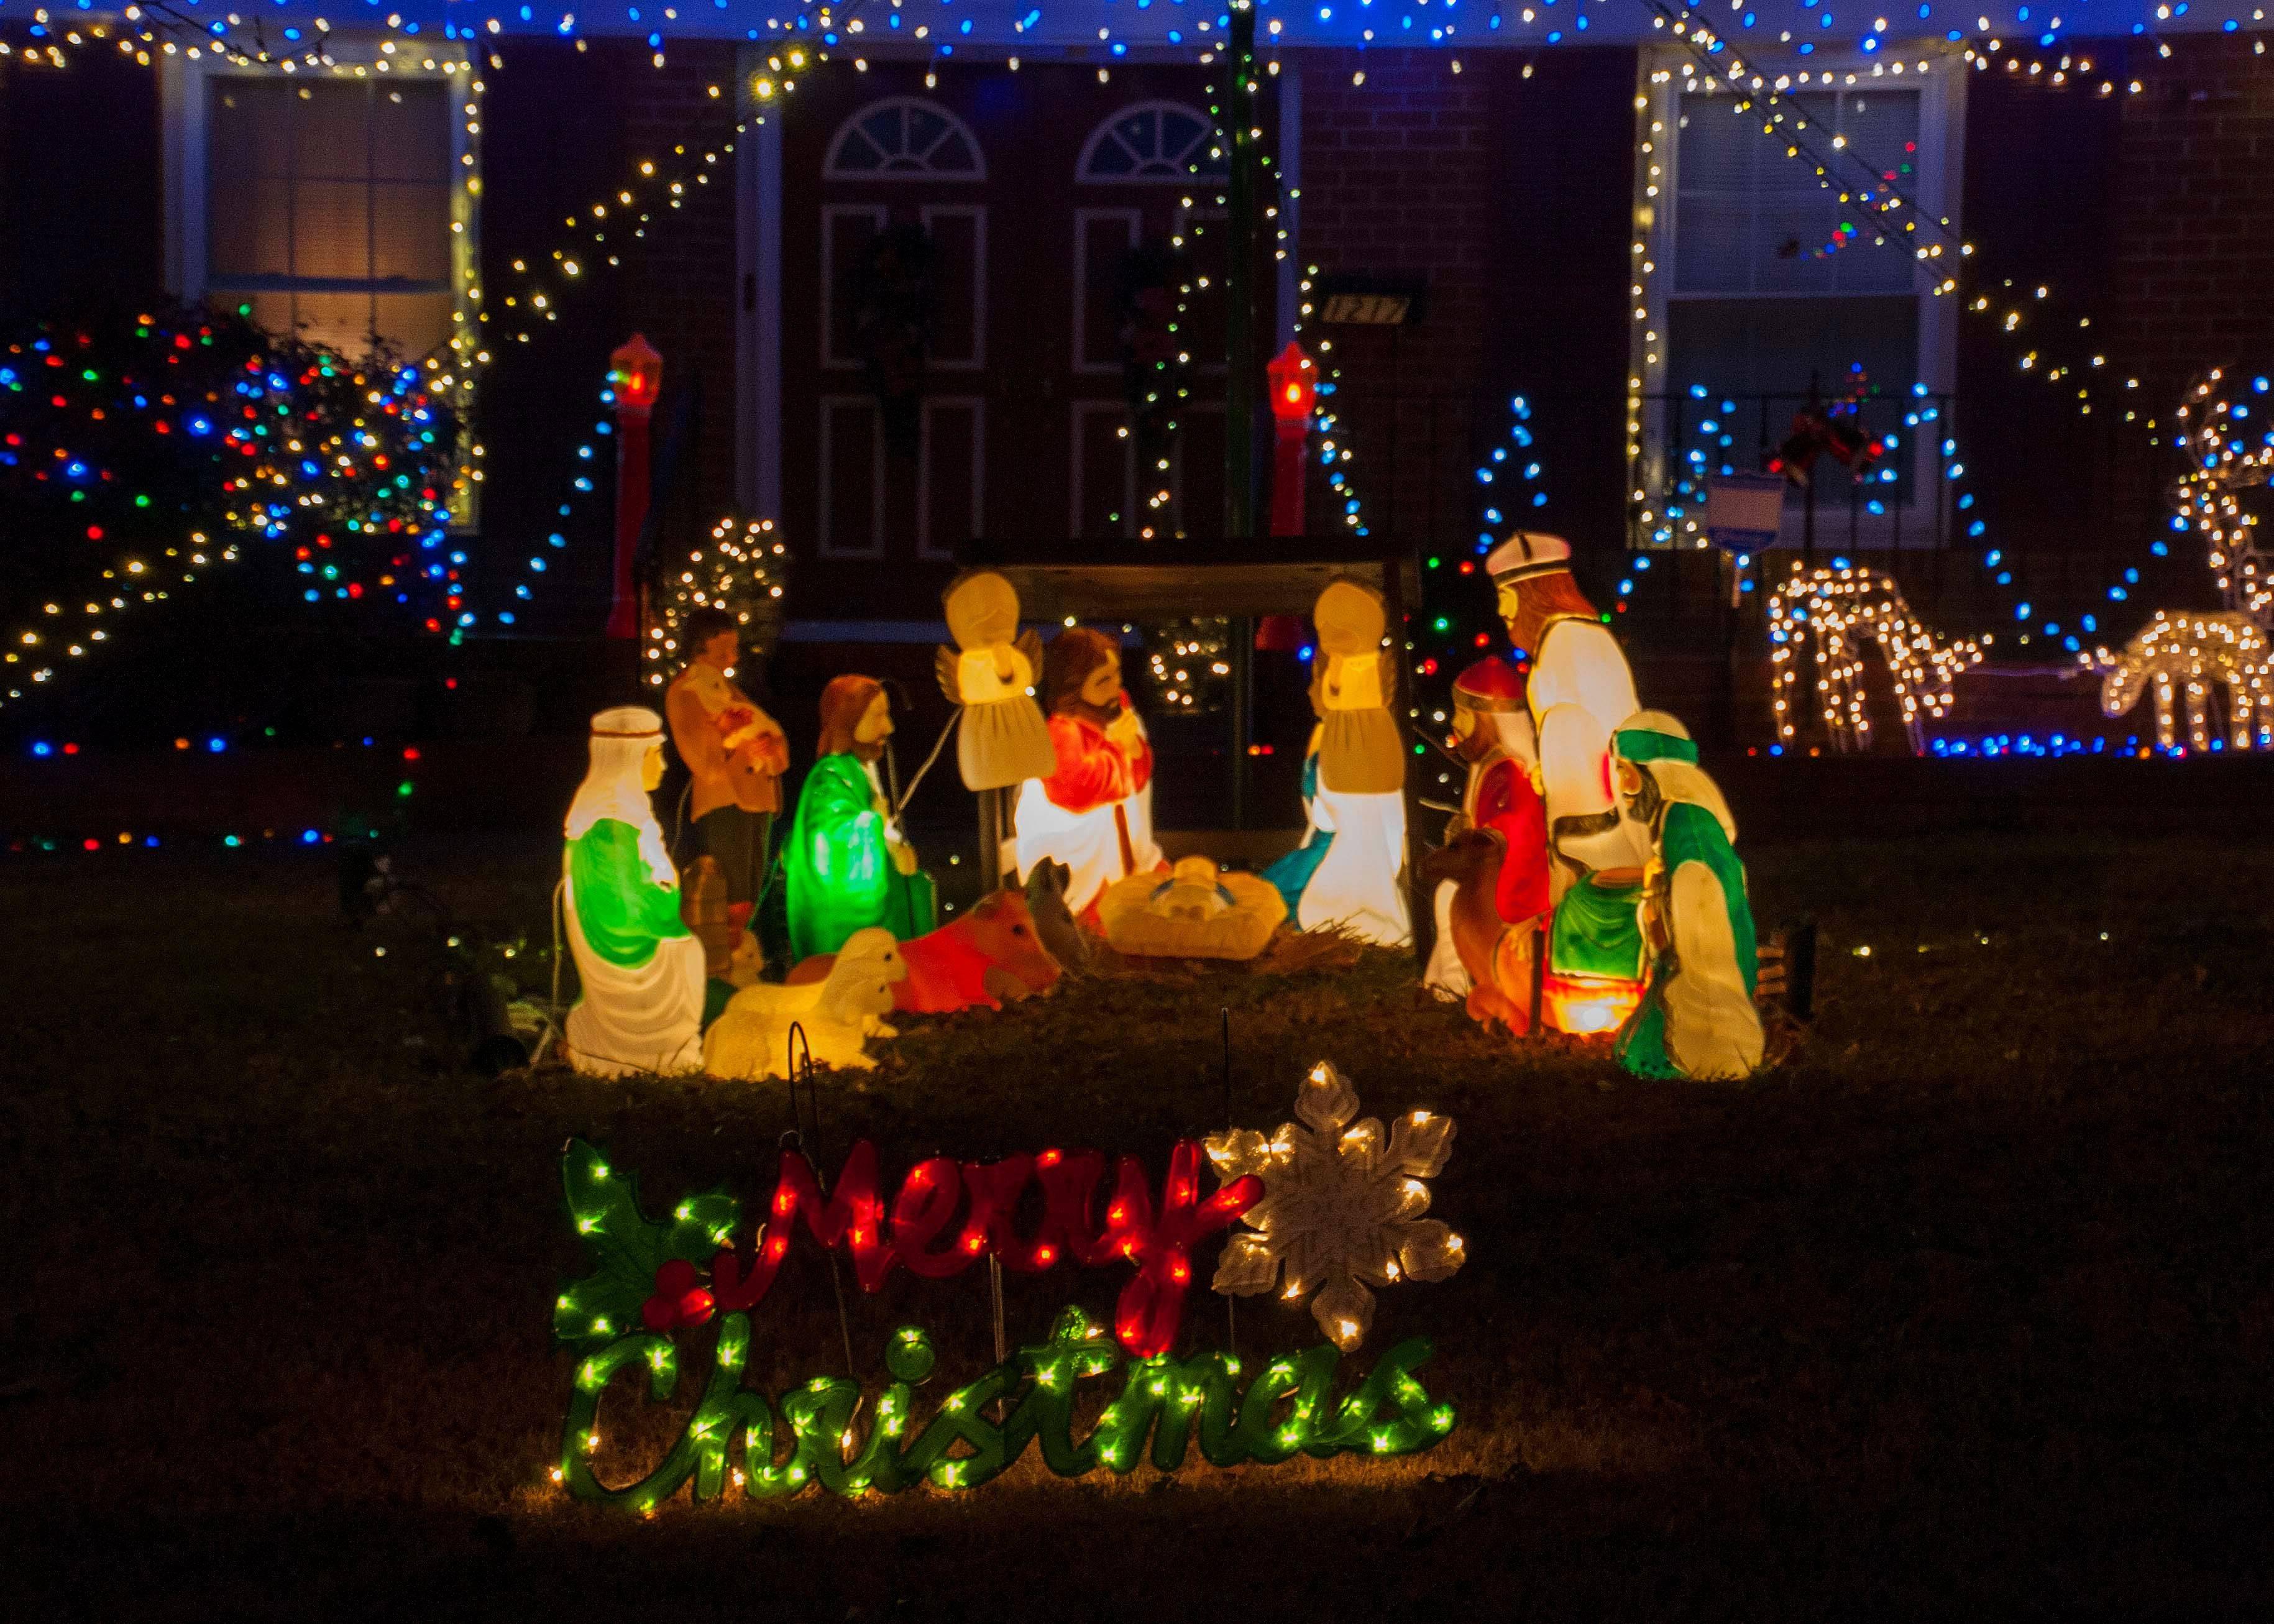 Christmasyarddecorations Getty 592c600a5f9b b0336